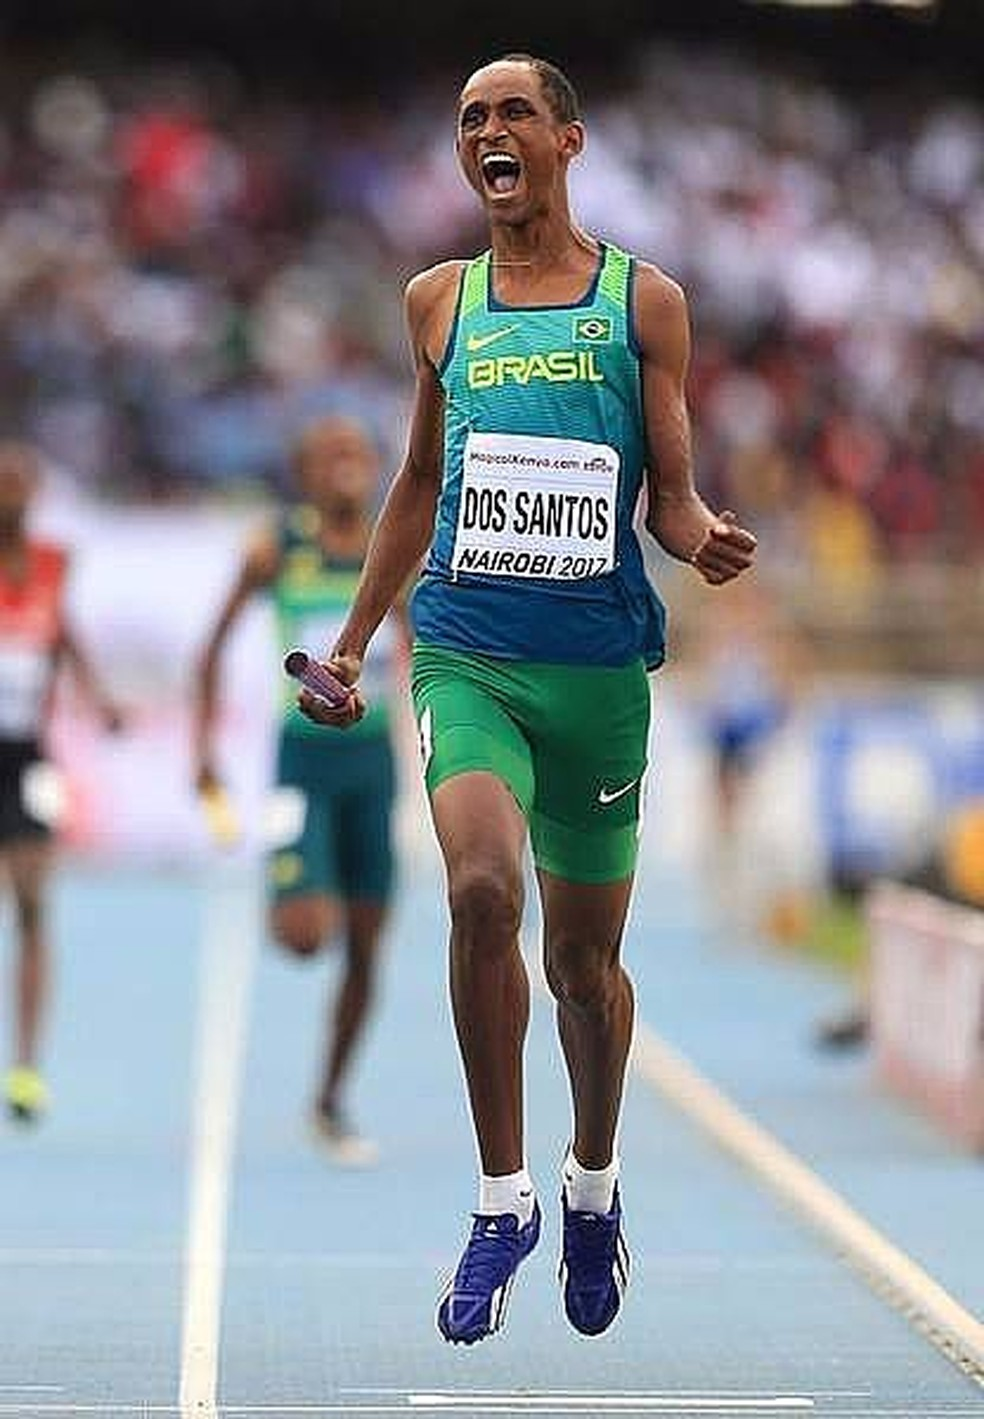 Alisson Brendom dos Santos comemora o ouro no Mundial Sub-18 de Nairóbi em 2017  (Foto: Getty Images / IAAF )